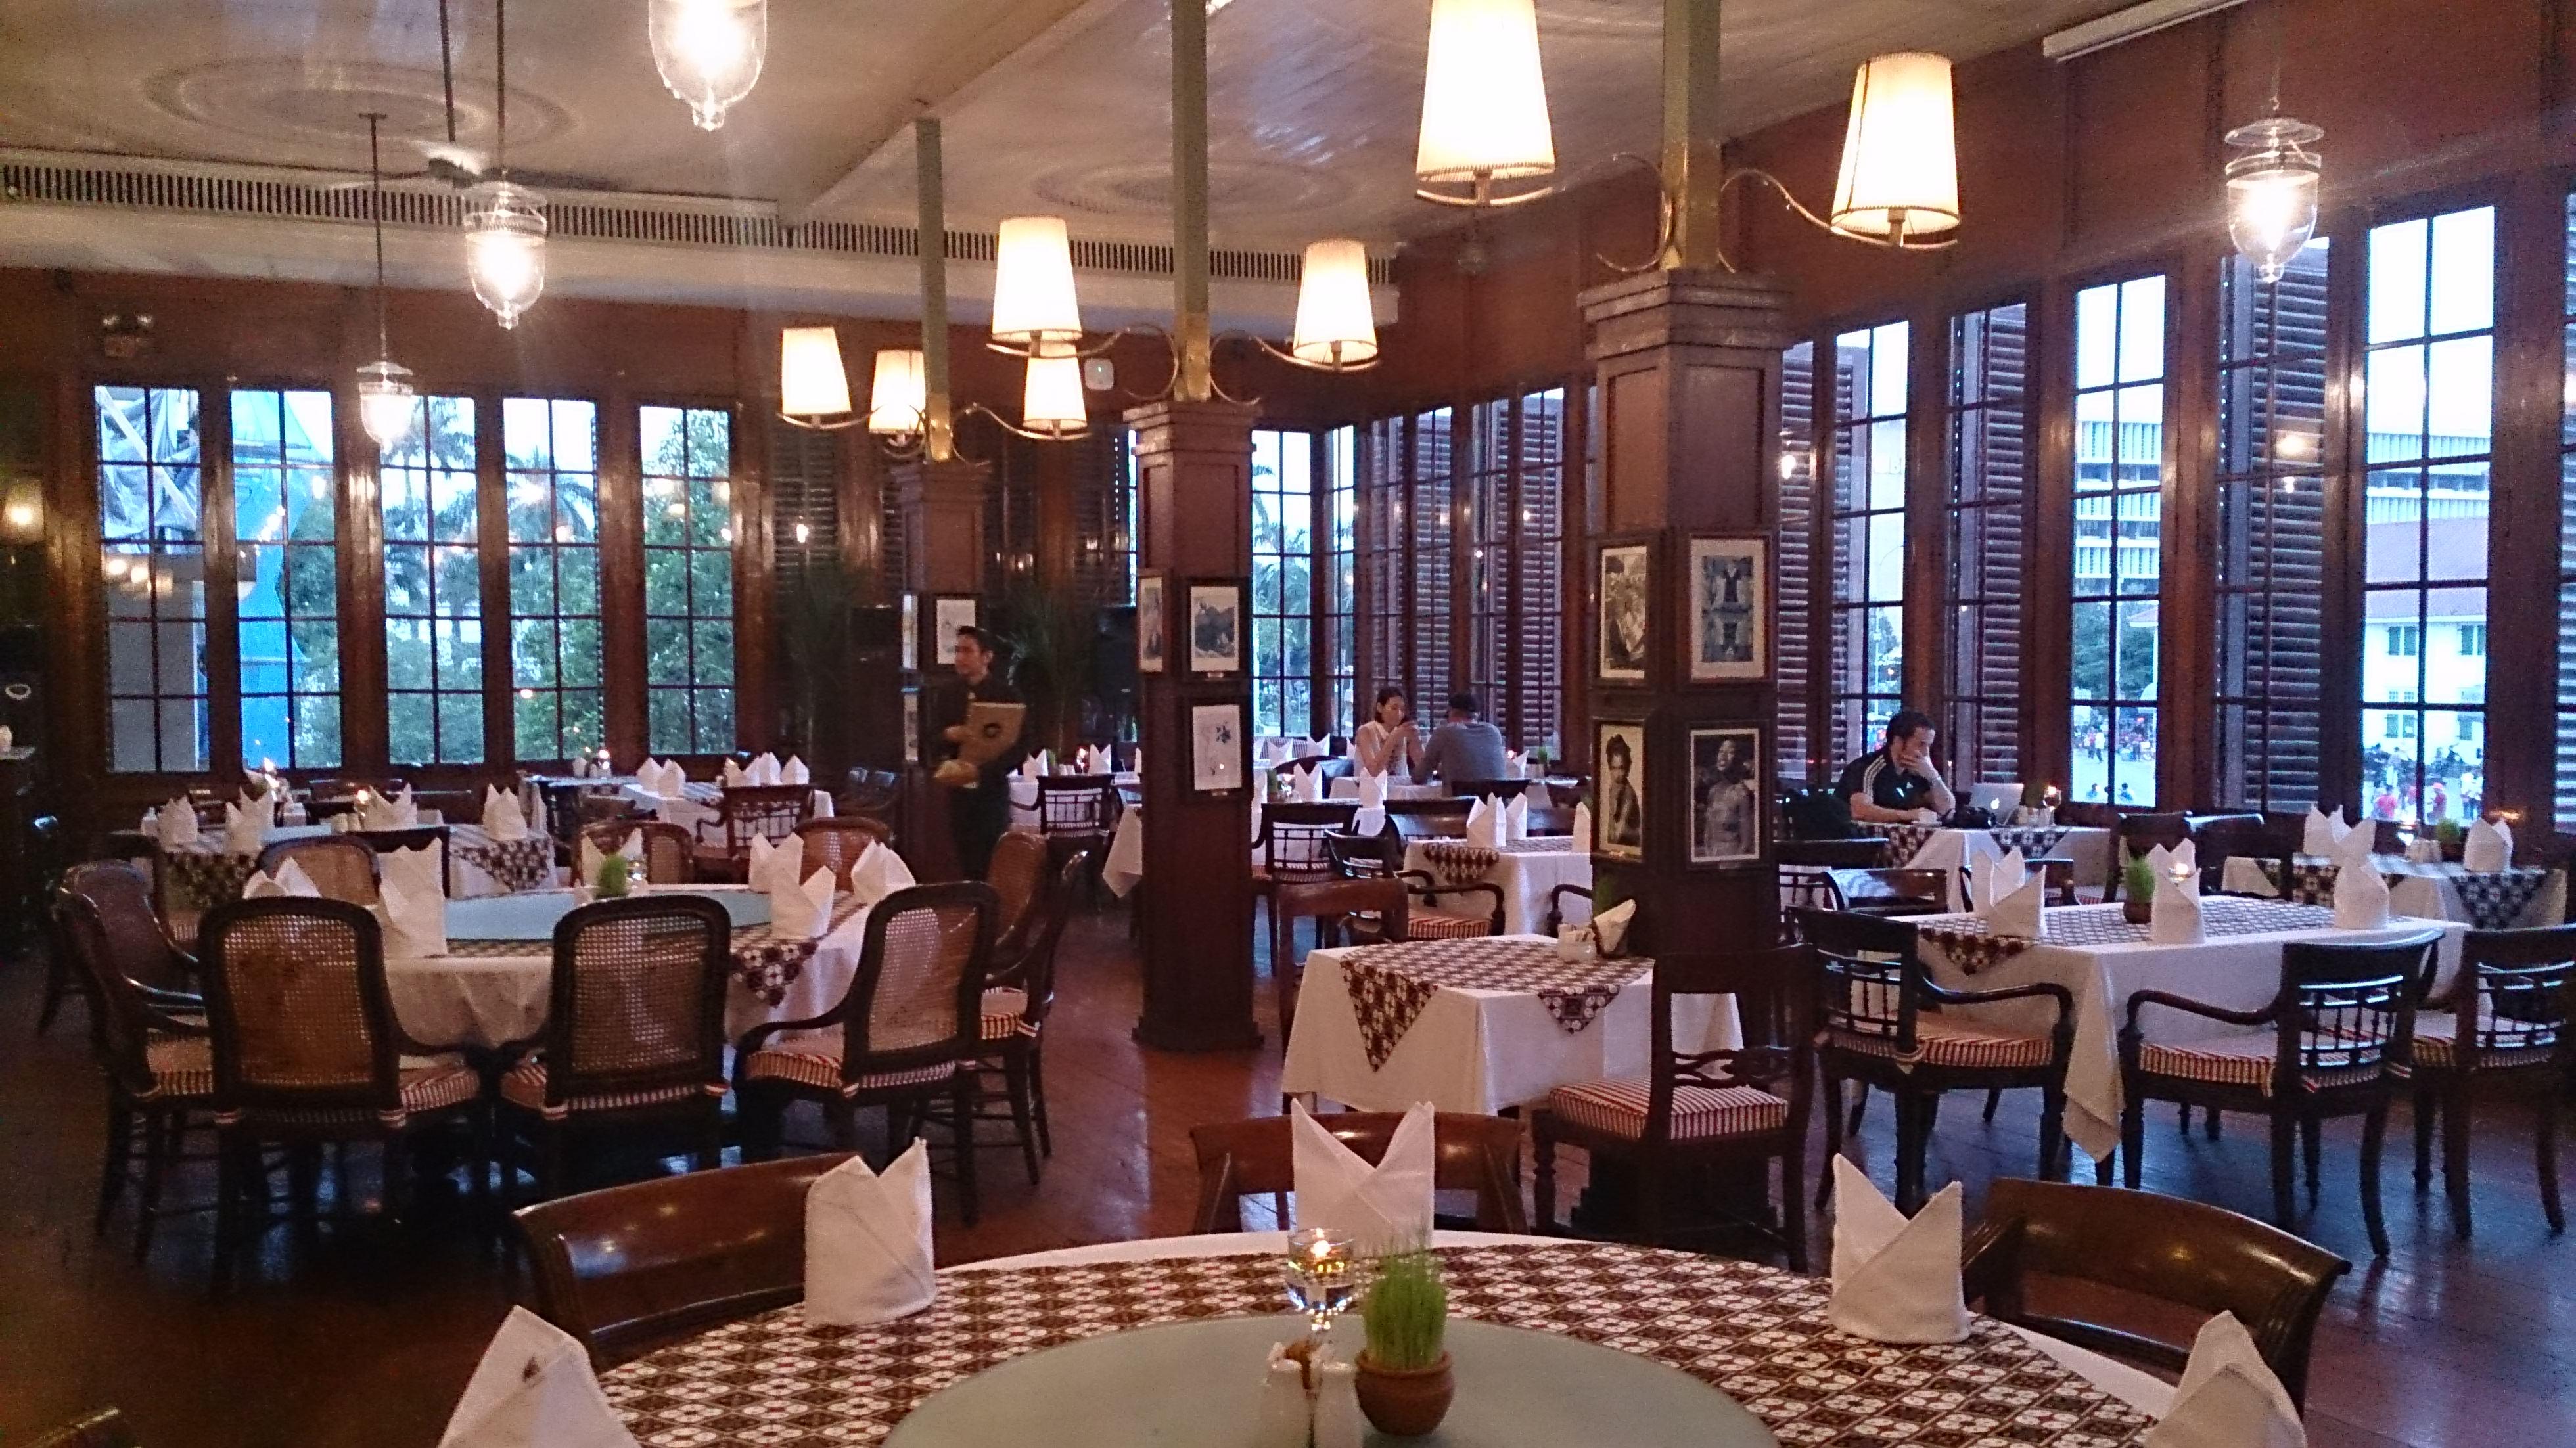 カフェ・バタビアで中世バタビアの上流階級の優雅な生活を偲ぶ